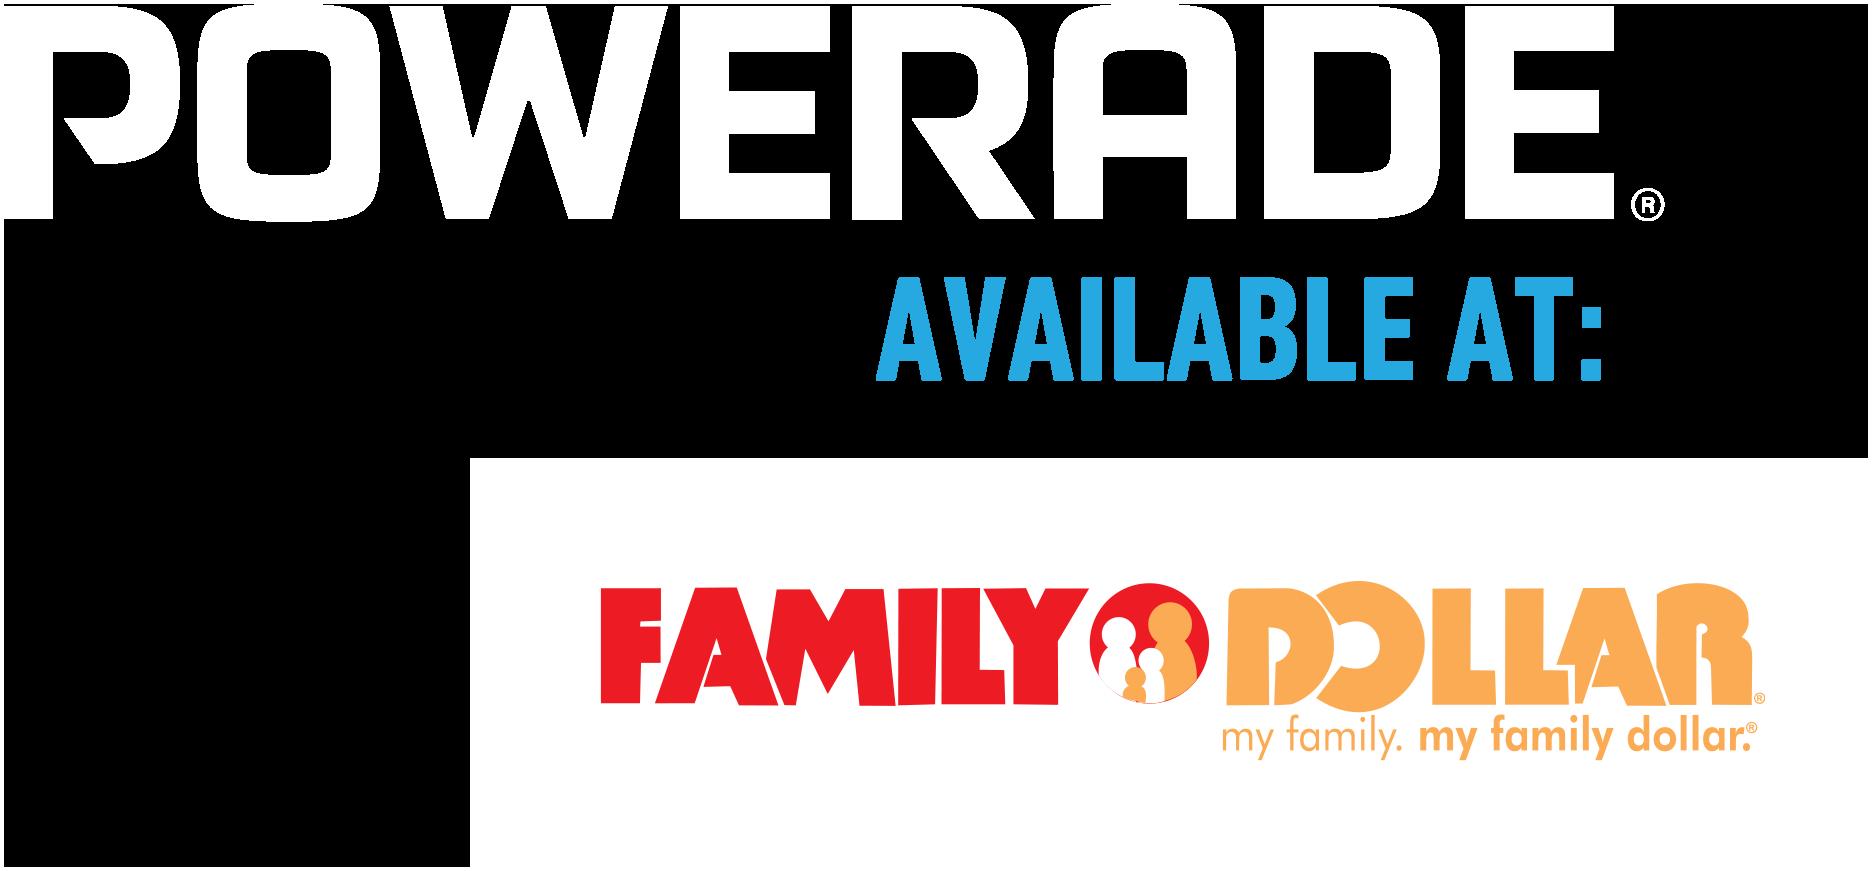 Powerade® Available at Walmart